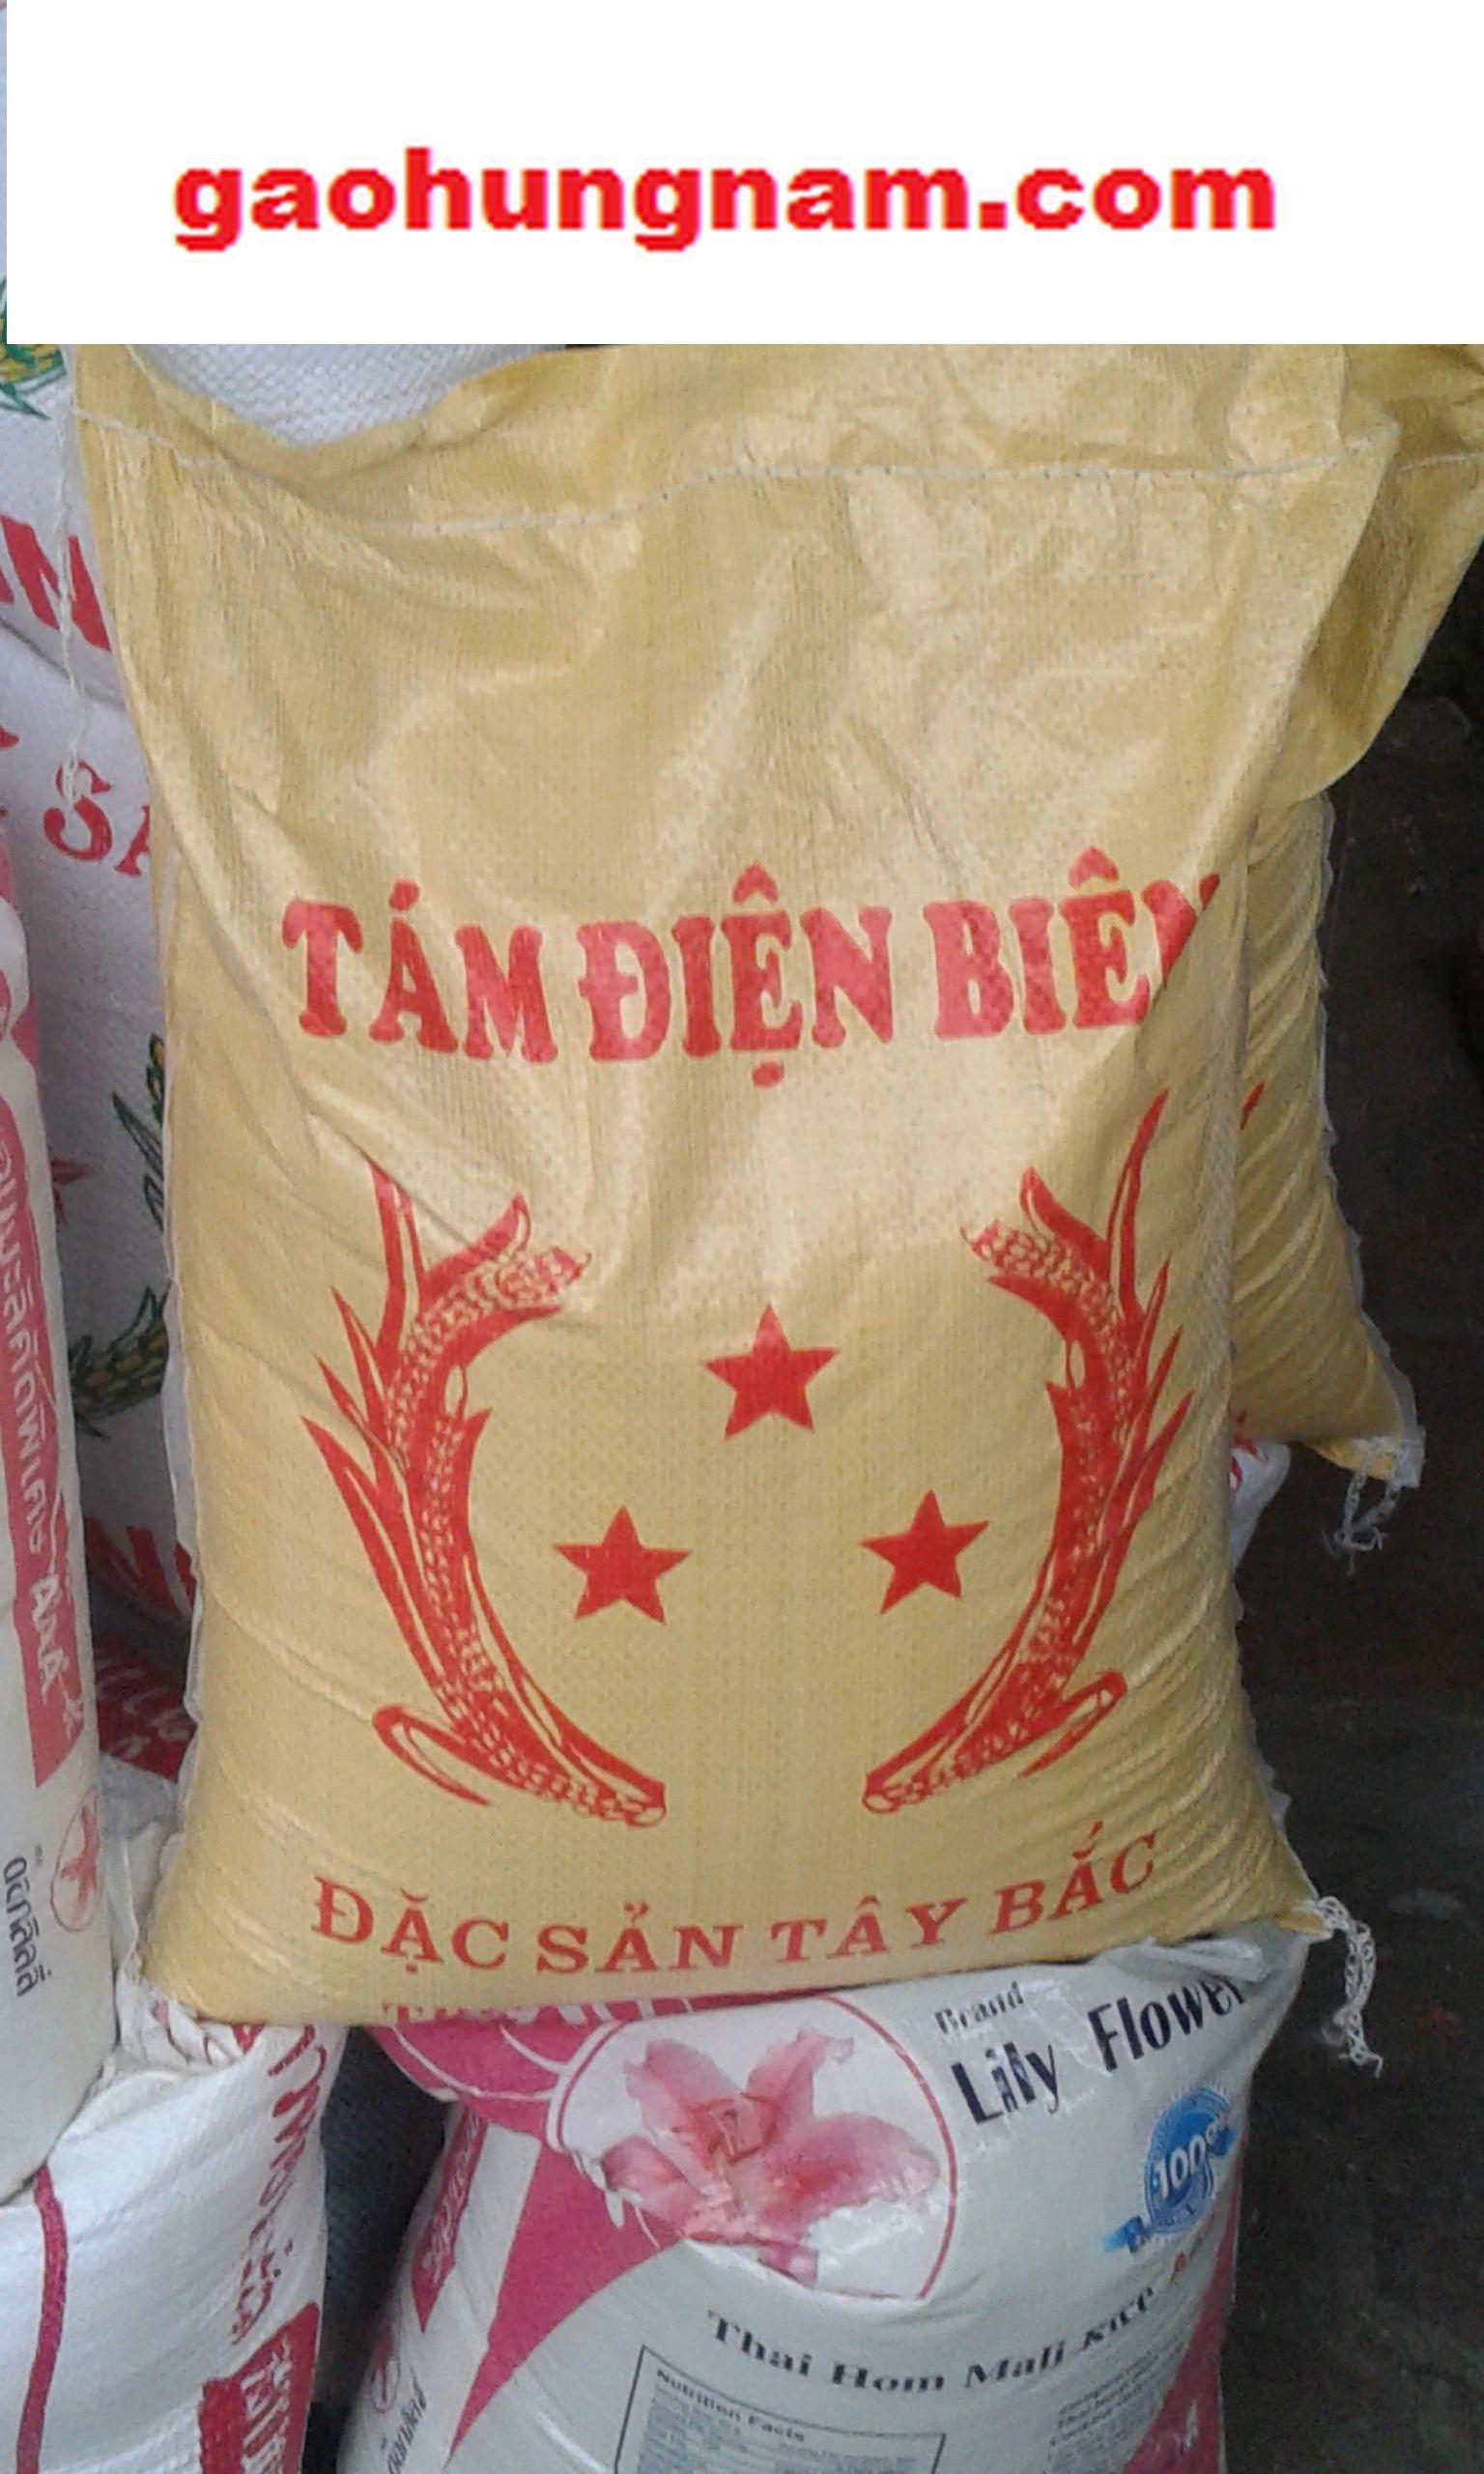 Gạo Tám điện Biên 10kg - Gaohungnam.com - Gạo Hưng Nam - Chỉ Bán Tại Hà Nội Bất Ngờ Giảm Giá